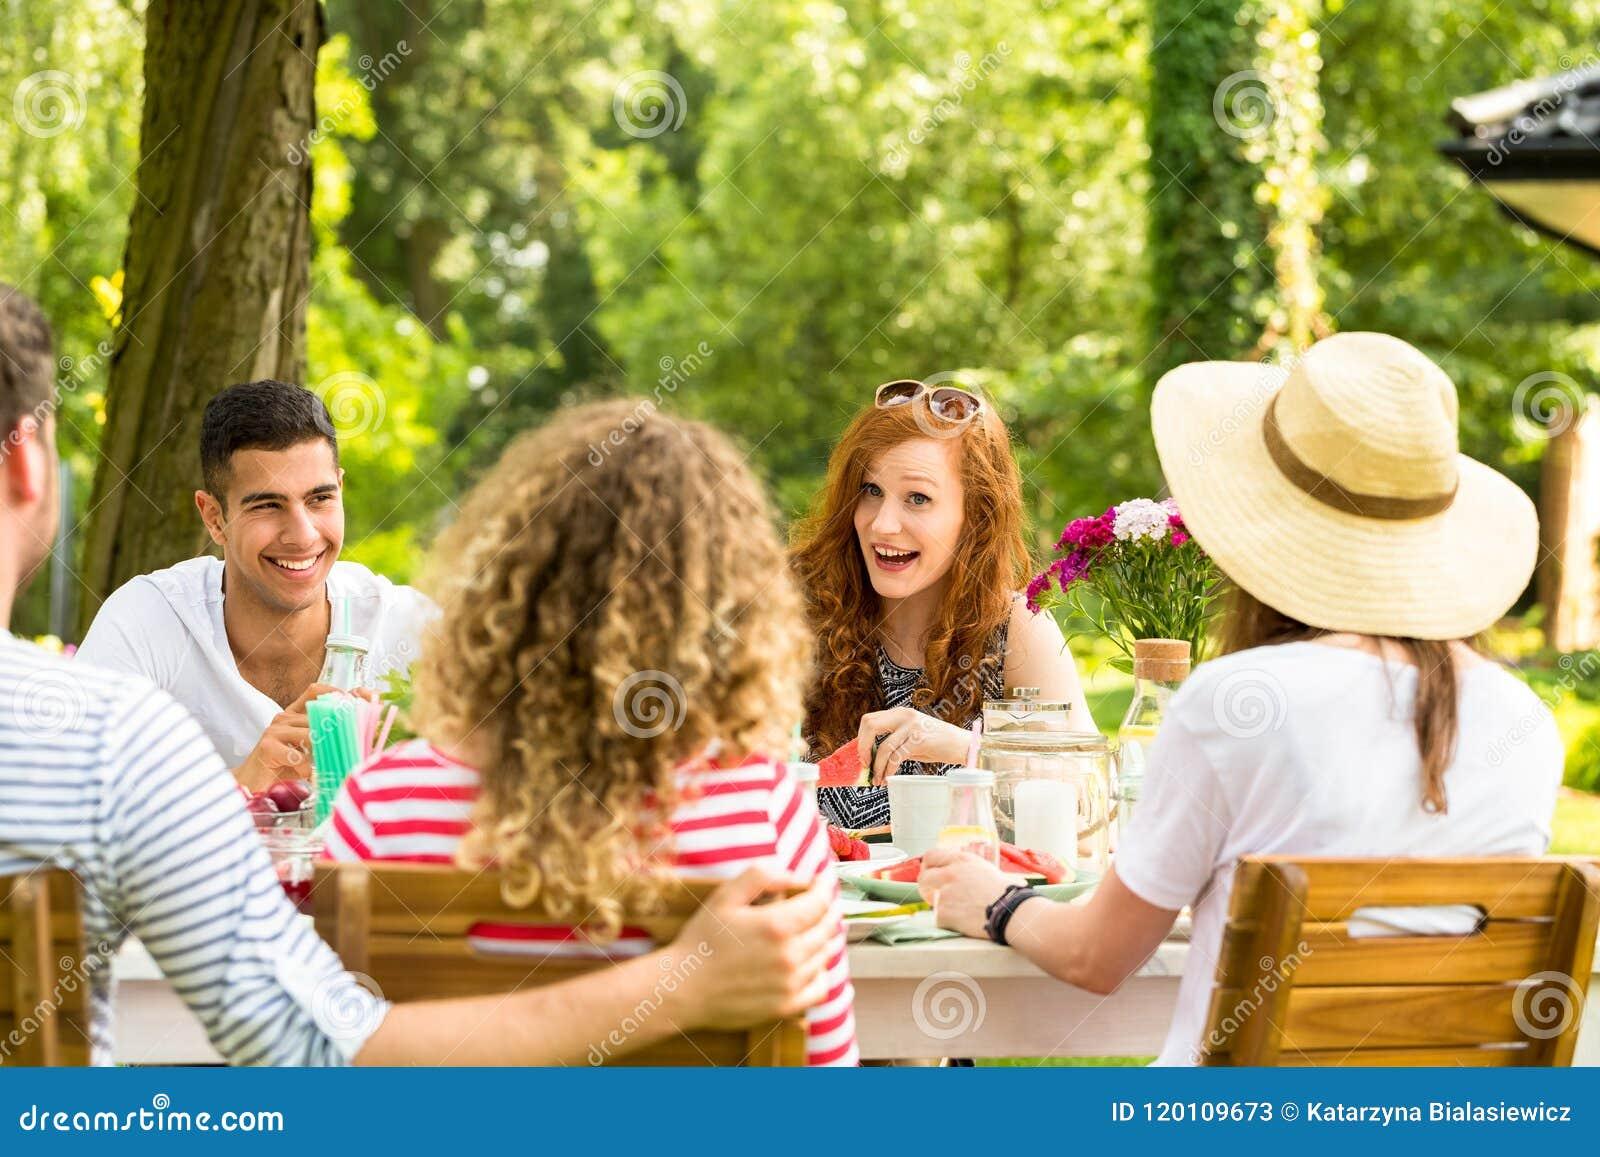 Glimlachende roodharige vrouw die pret hebben tijdens tuinpartij met mul